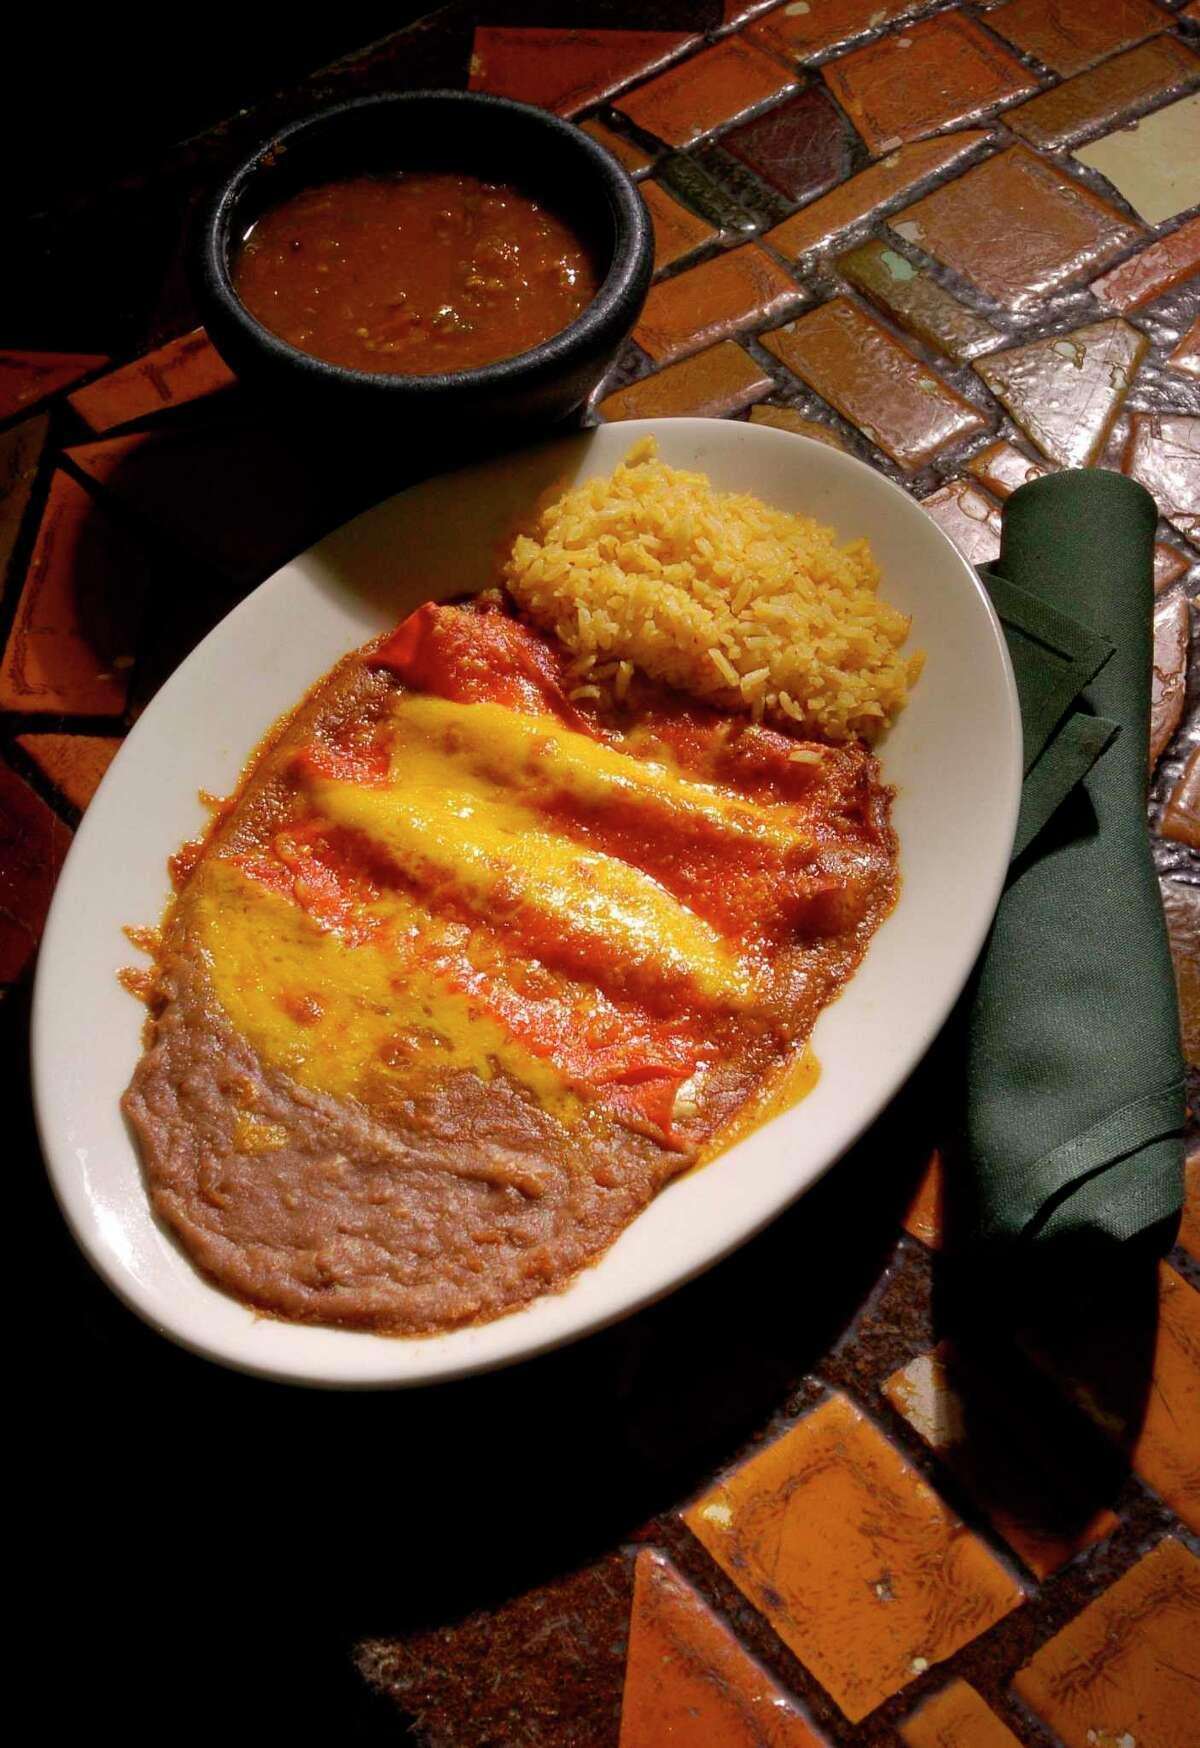 Cheese enchiladas at Spanish Village